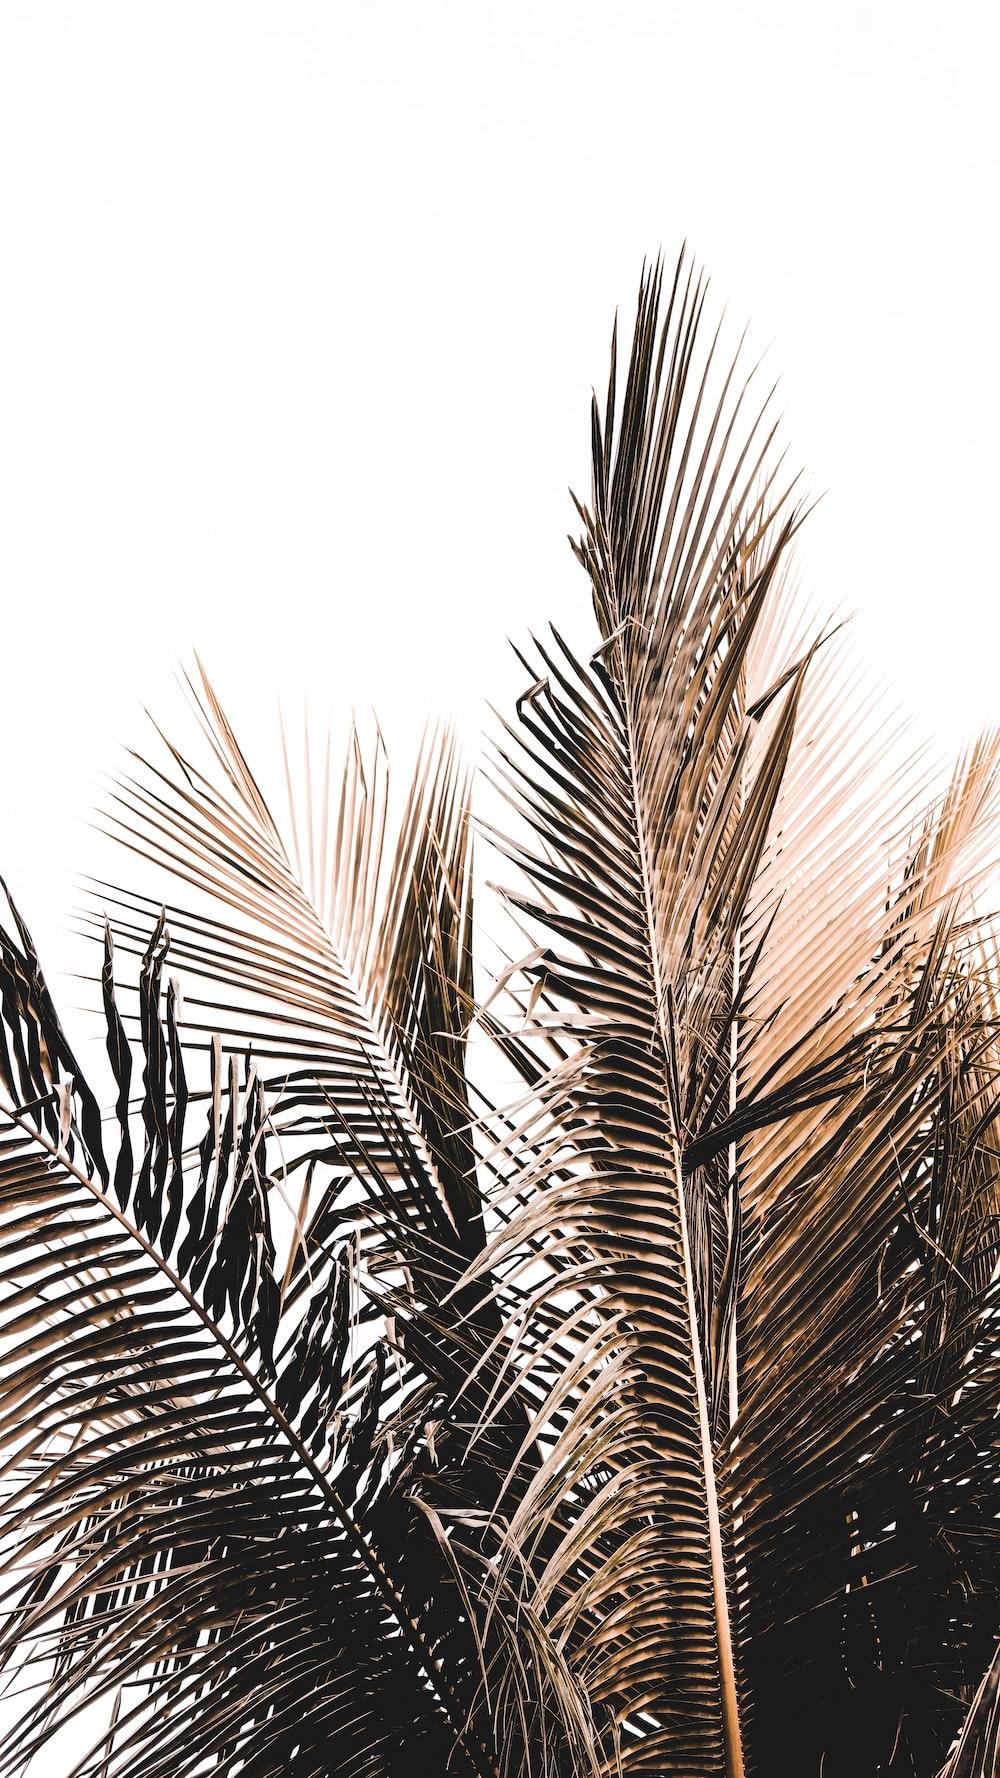 coconut tree leaves